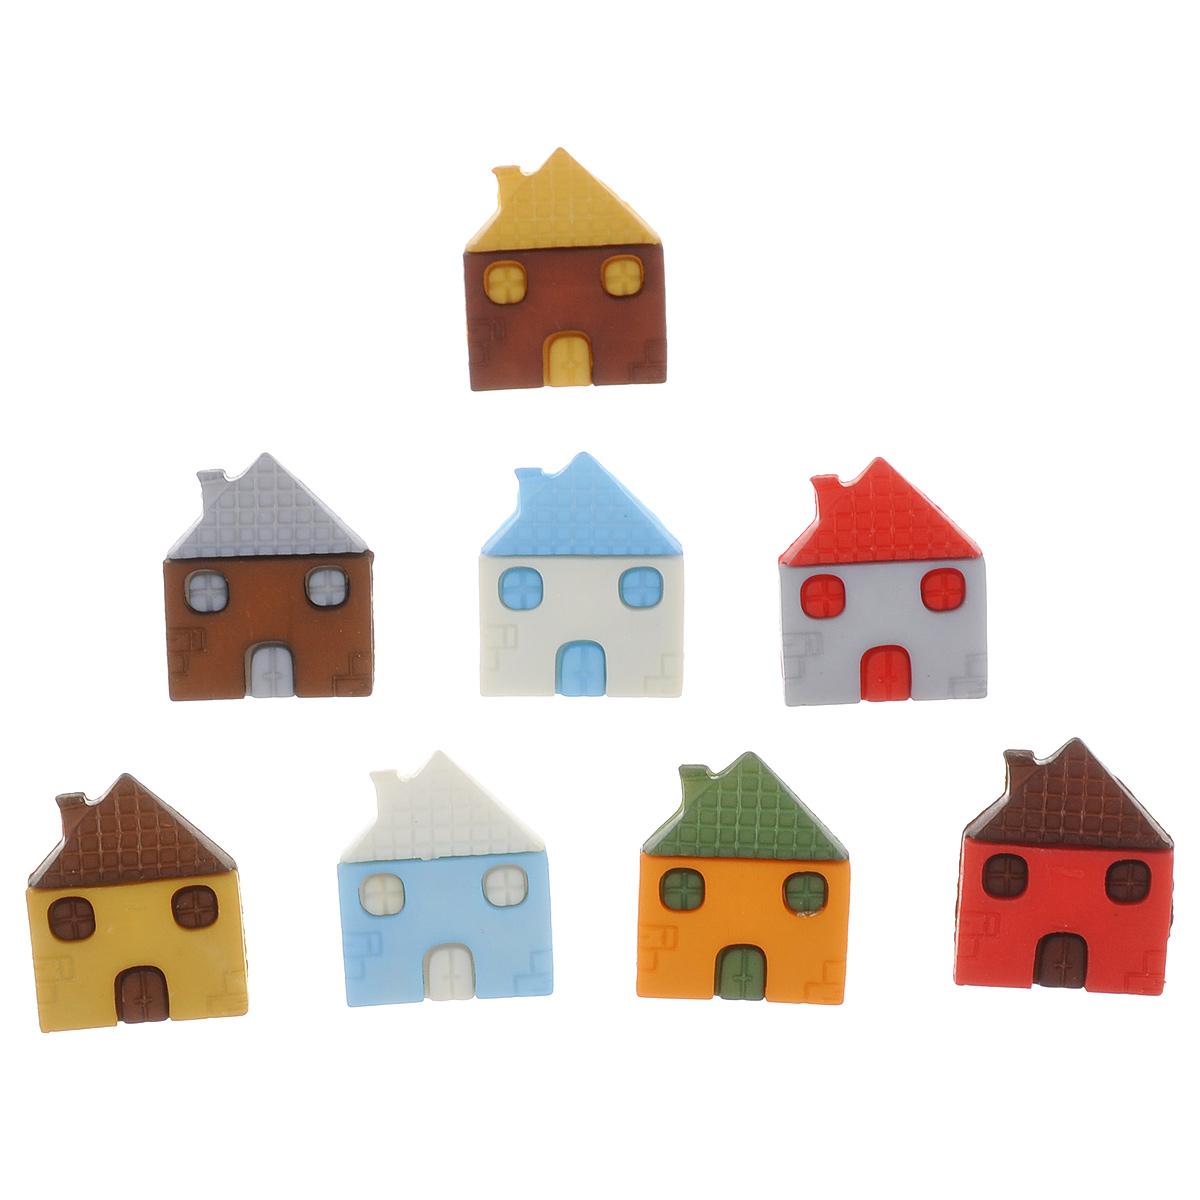 Пуговицы декоративные Buttons Galore & More Craft Buttons, 8 шт7705881Набор Buttons Galore & More Craft Buttons состоит из 8 декоративных пуговиц на ножке, выполненных из пластика в форме разноцветных домиков. Предметы набора подходят для любых видов творчества: скрапбукинга, декорирования, шитья, изготовления кукол, а также для оформления одежды. С их помощью вы сможете украсить открытку, фотографию, альбом, подарок и другие предметы ручной работы. Изделия имеют оригинальный и яркий дизайн. Размер пуговицы: 1,3 см х 1,6 см х 1 см.